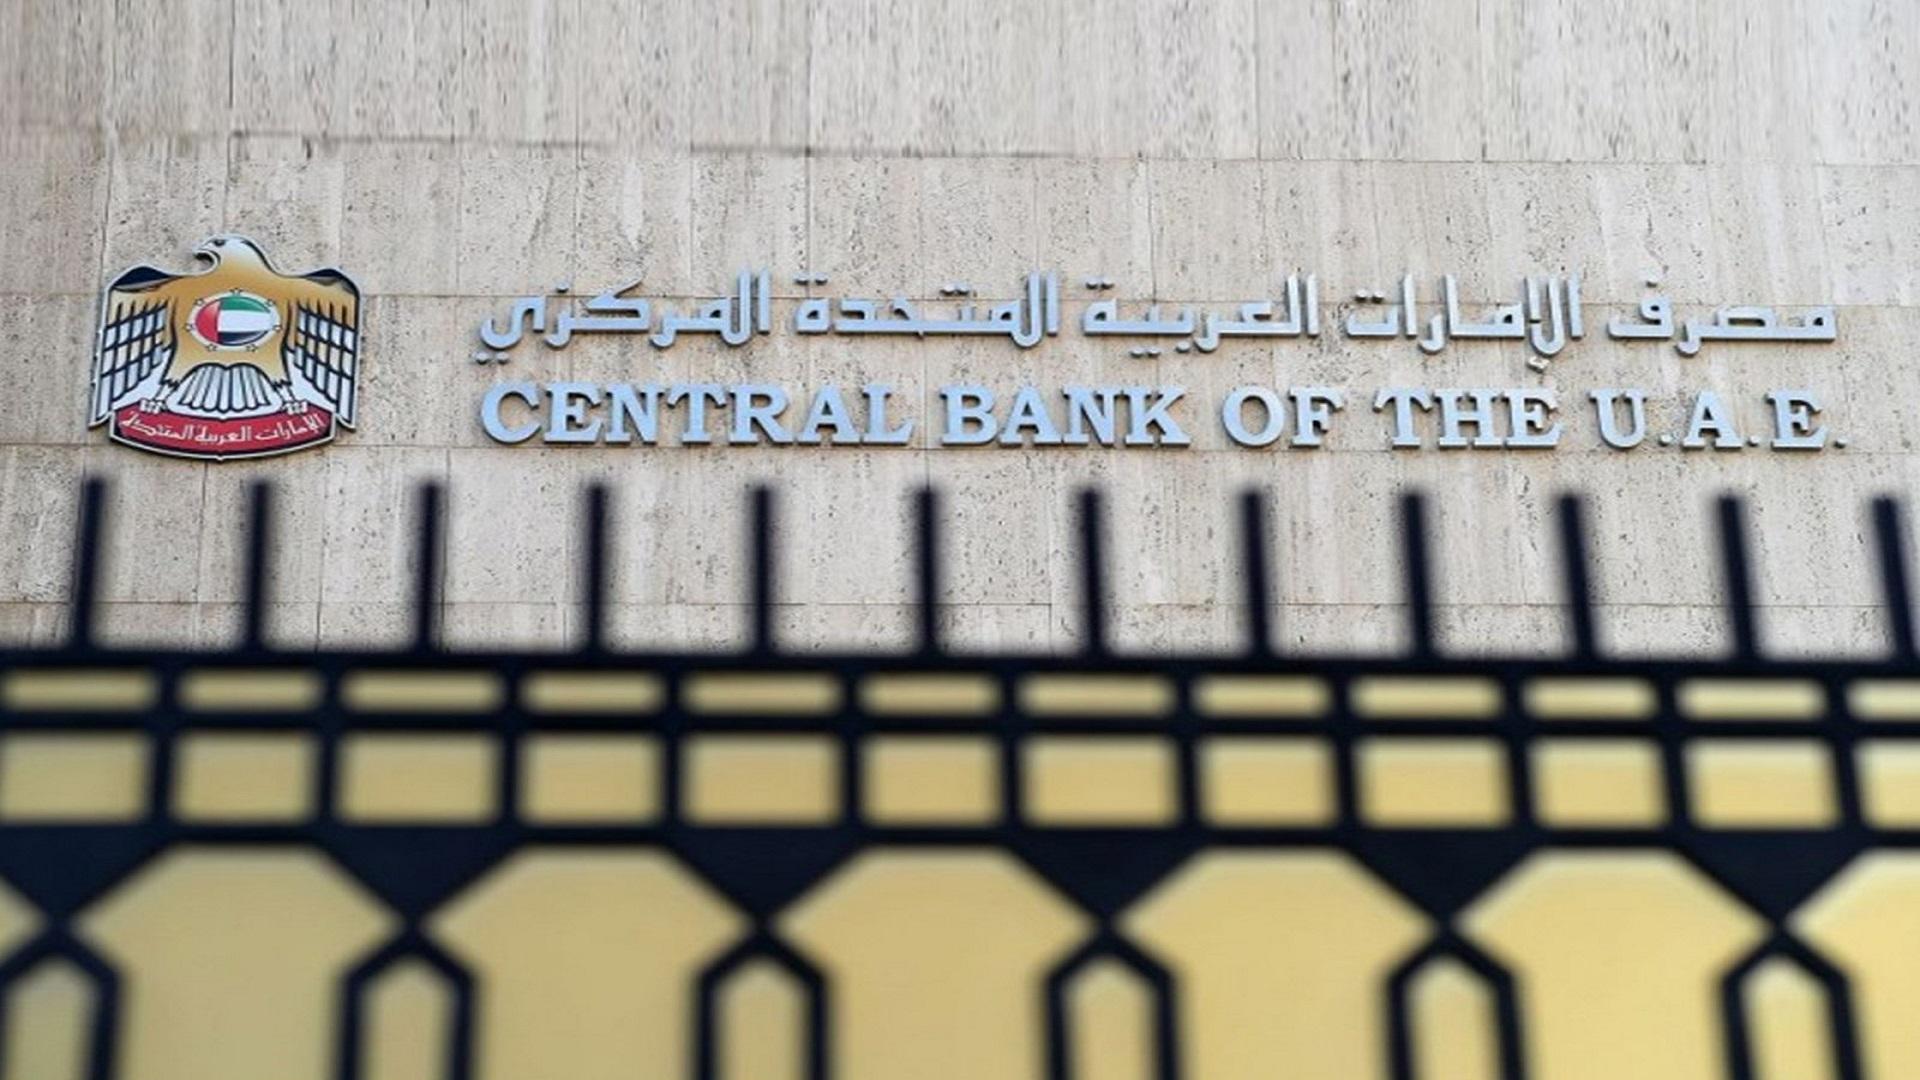 مع نهاية سبتمبر..أصول الجهاز المصرفي ترتفع إلى 3.252 تريليون درهم